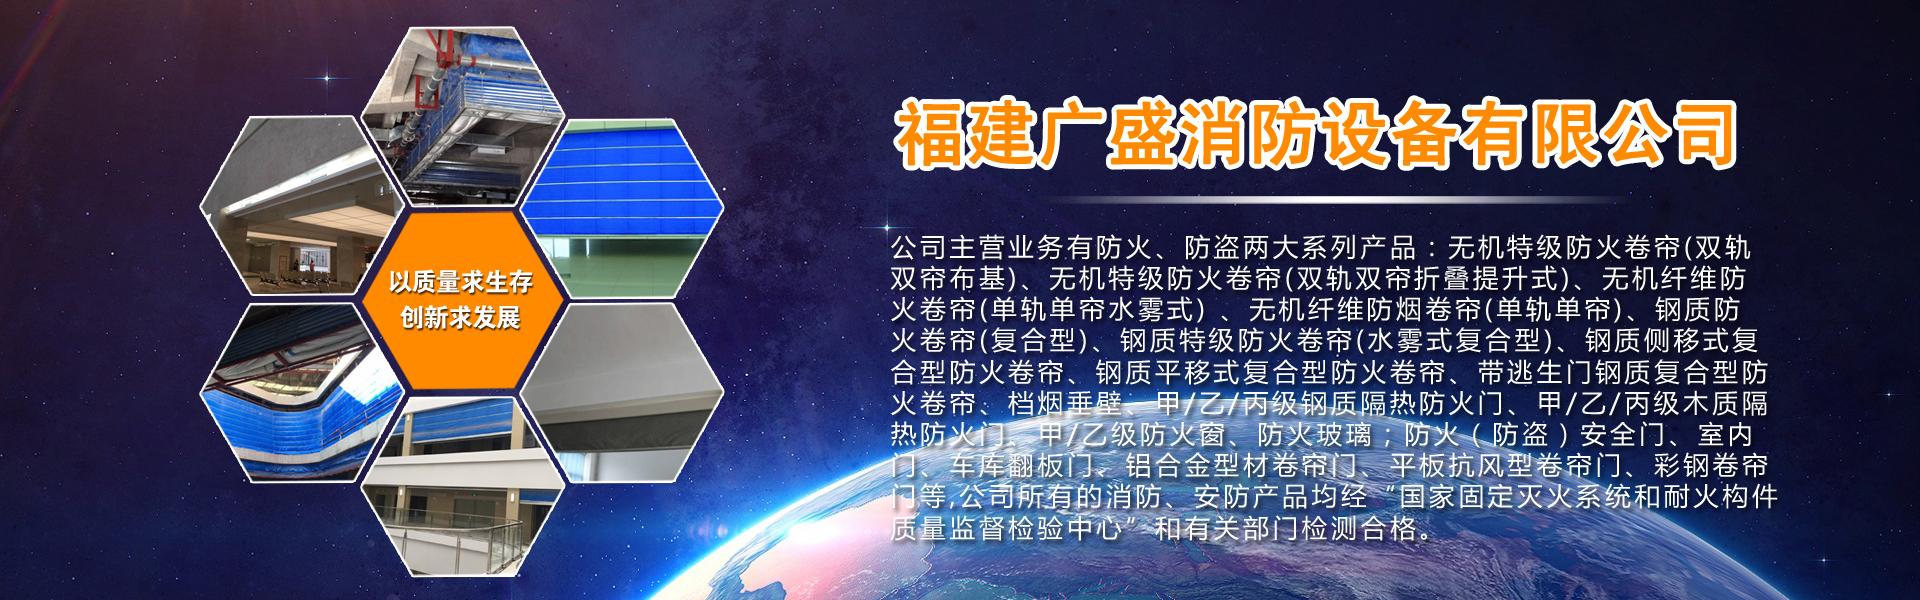 福建省广盛消防科技超碰公开视频